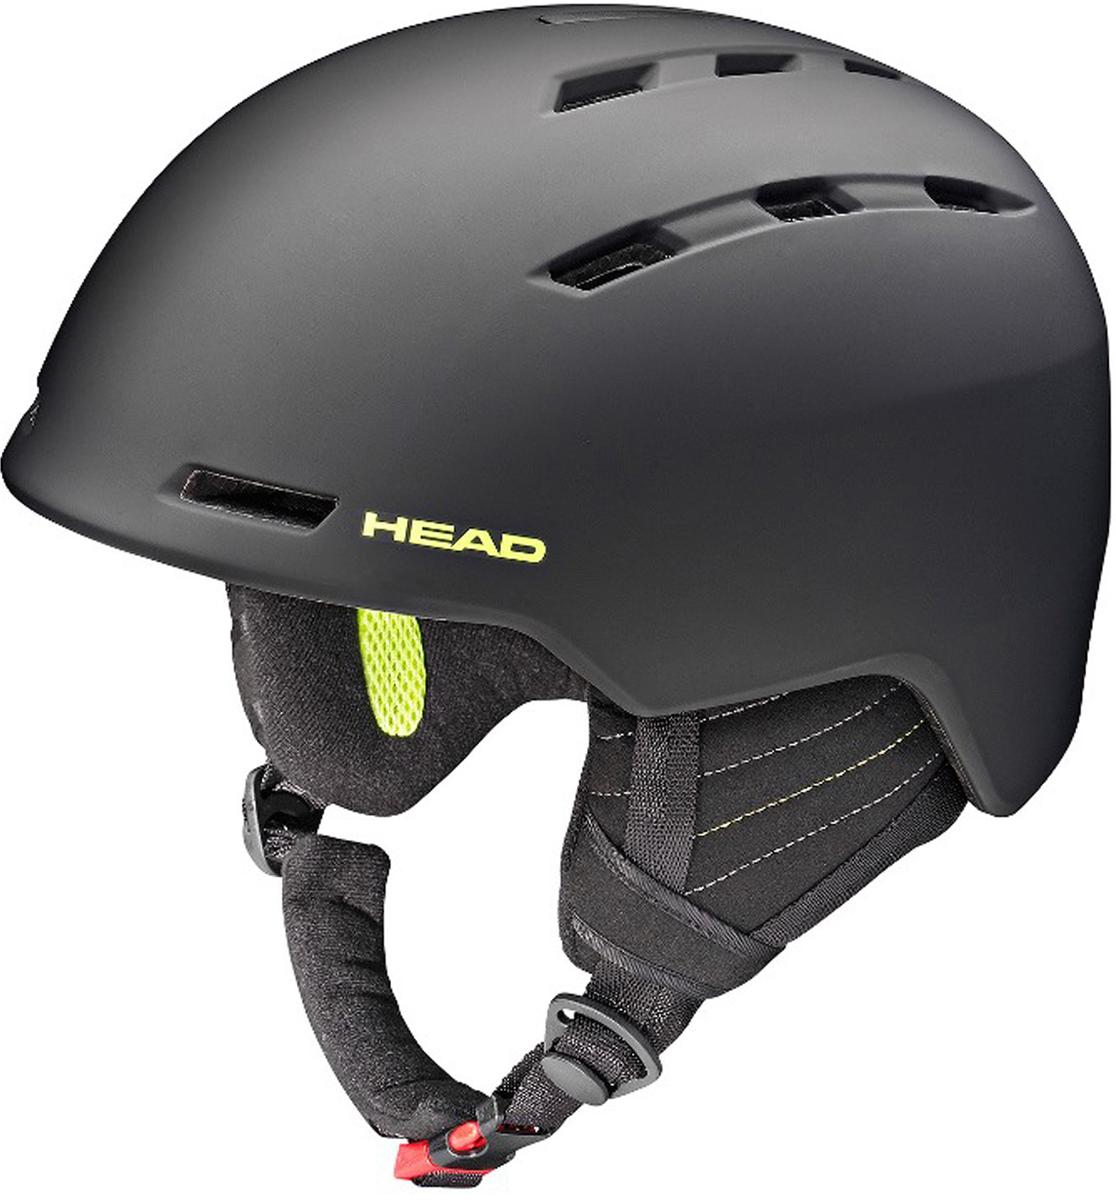 Шлем горнолыжный/сноубордический HEAD VICO. Размер XS/S (52-55)324557 (XS/S)Лучшие из лучших! Бестселлер в коллекции HEAD. Его отличительная особенность - экстремально малый вес и супер удобная посадка на голове. Построена по уже известной технологии горячей прессовки, имеет отличную вентиляцию по периметру и вентиляцию маски.ОСОБЕННОСТИ:- Облегченный ABS,- Вентиляция Thermal,- Вентиляция маски,- Подкладка из микрофлиса,- Регулировка размера HEAD 3D Fit,- Эргономический воротник с регулировкой положения на шлеме,- Сертификат CE EN 1077:2007 Class B,- Вес: m/l 420 г.